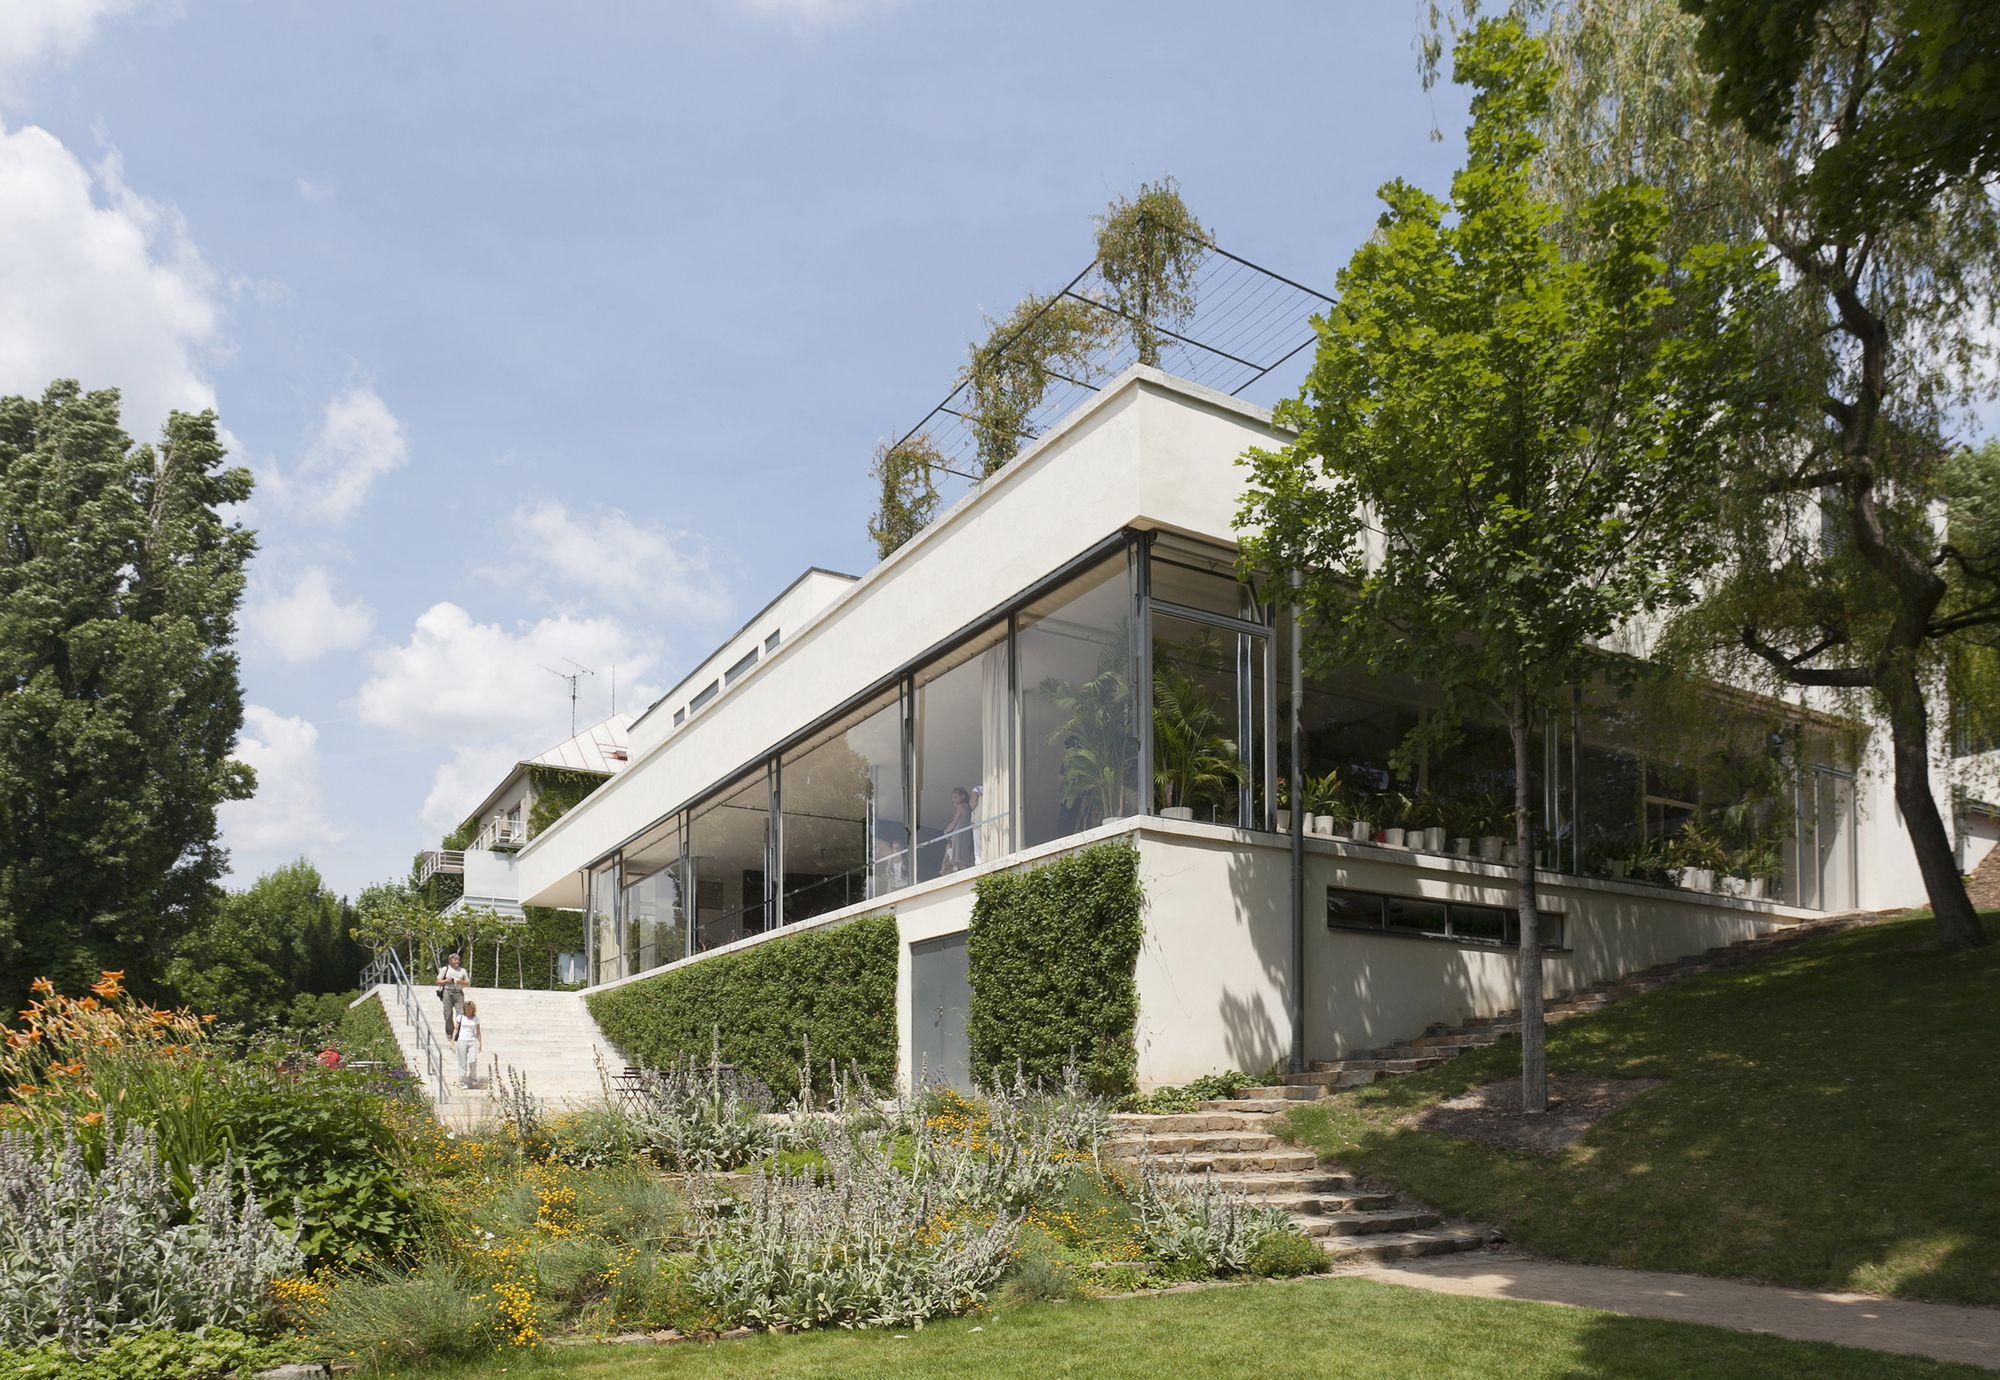 Villa tugendhat arkitalker mies van der rohe - Ad Classics Villa Tugendhat Mies Van Der Rohe